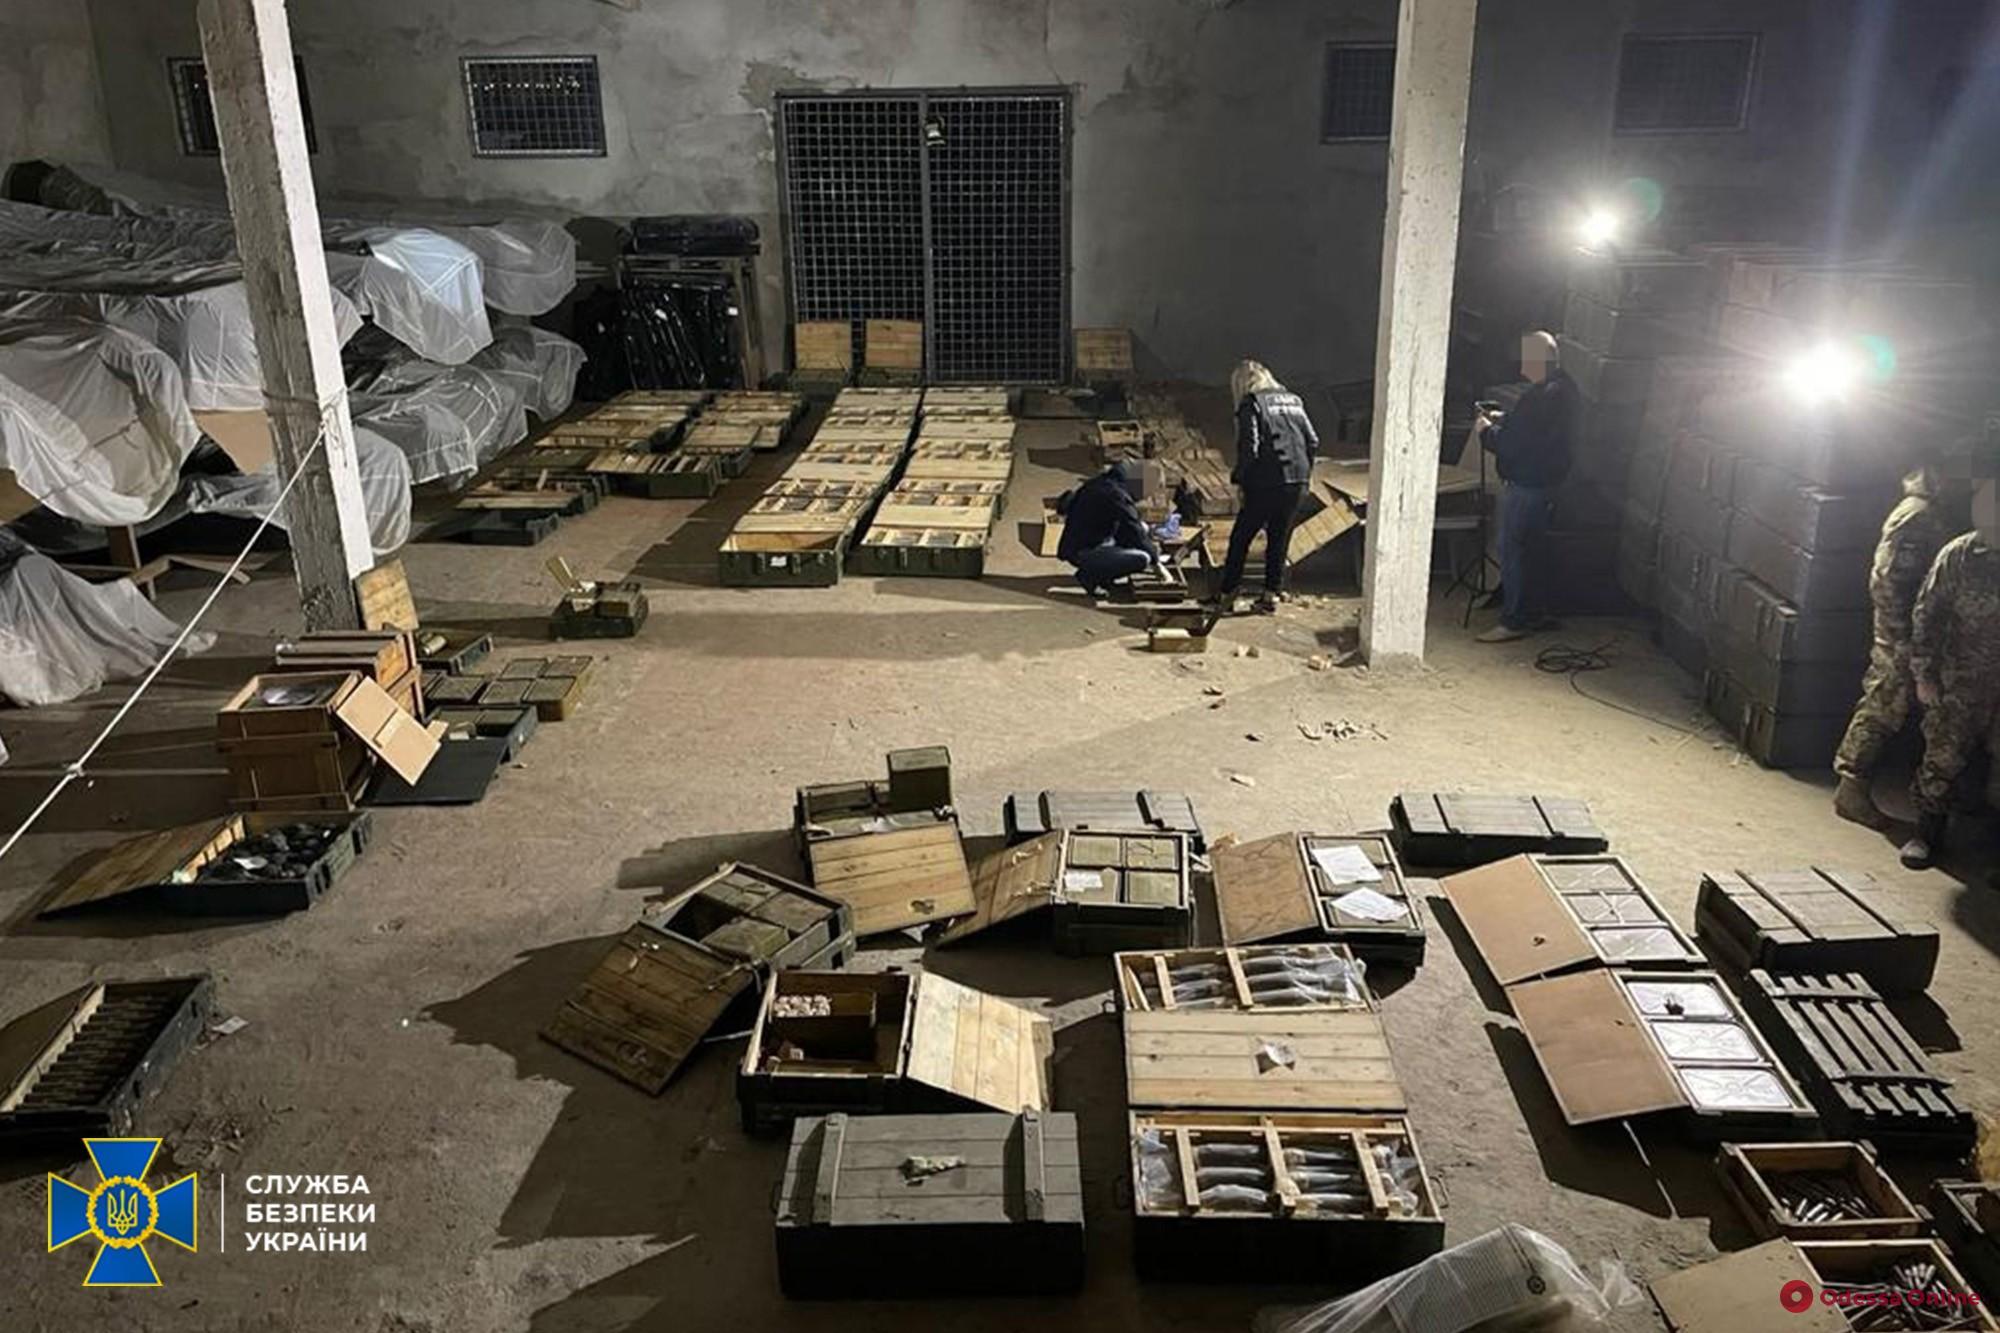 В Николаеве начальник склада ракетно-артиллерийского вооружения устроил масштабную «распродажу» — дельца задержали сотрудники СБУ